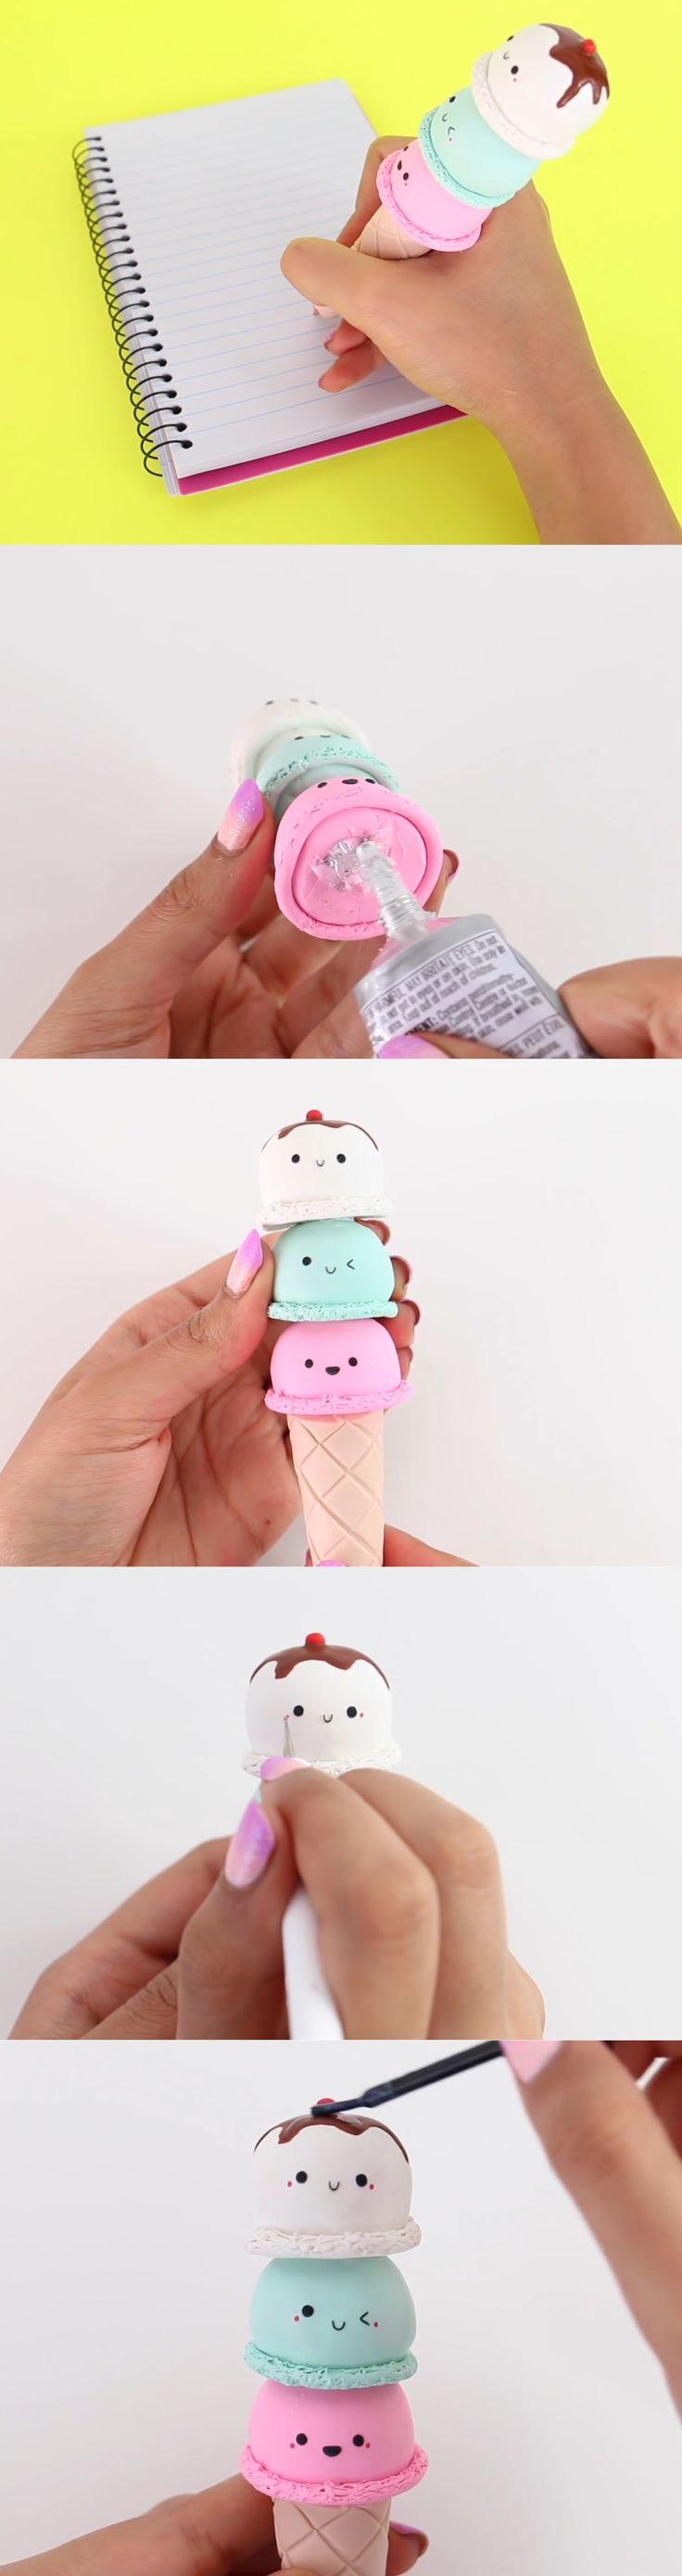 esfero de helado  Parte  6